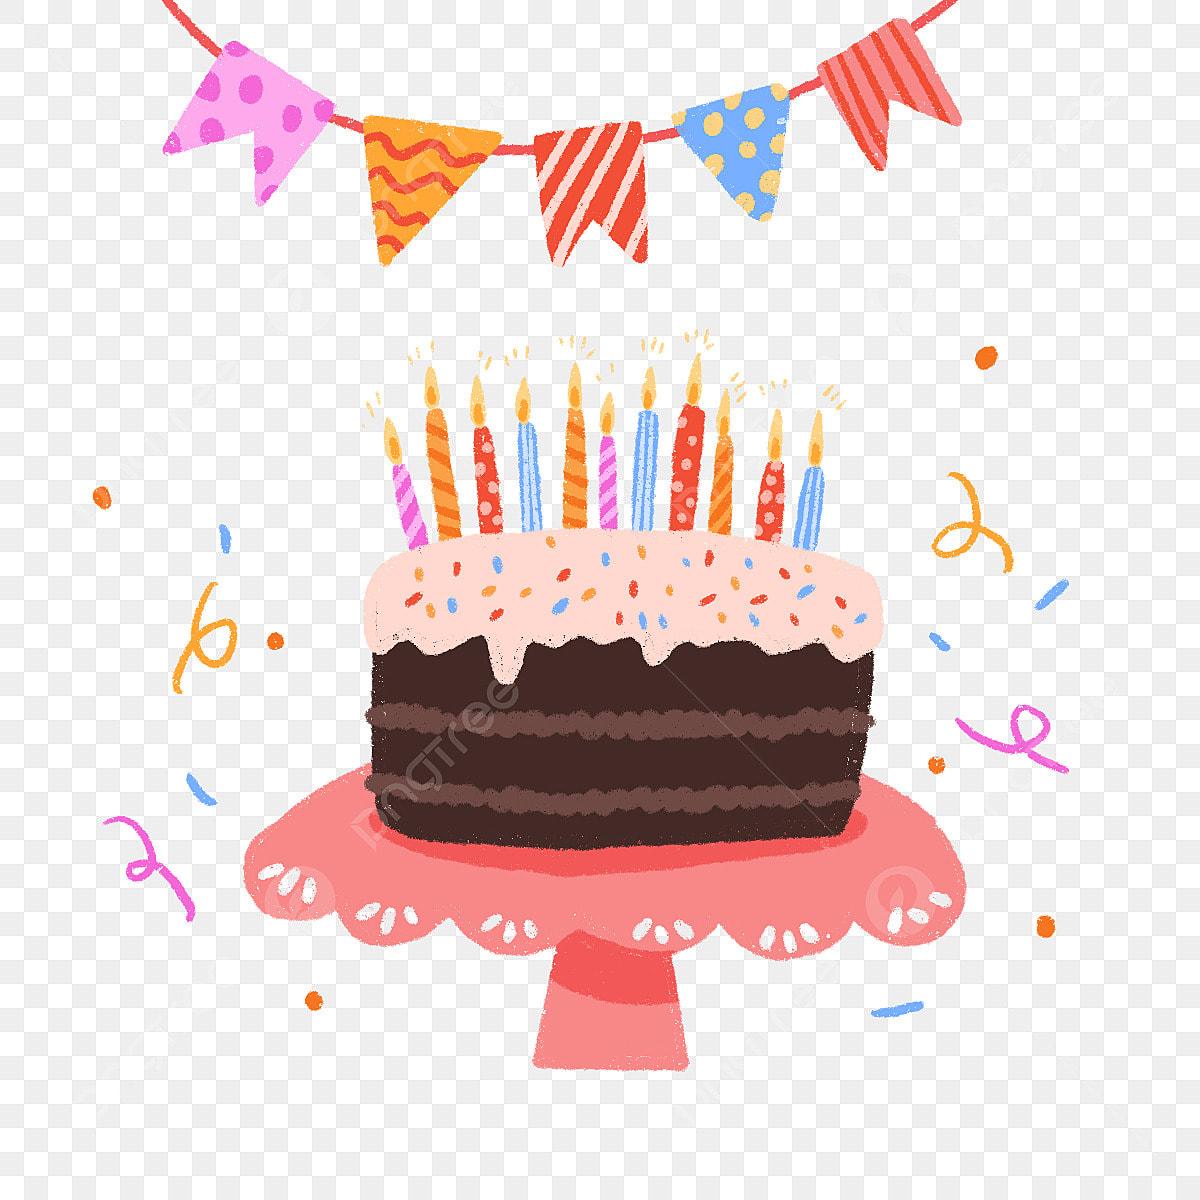 Cool Hand Draw Cute Birthday Cake Hand Drawn Cute Birthday Cake Png Funny Birthday Cards Online Elaedamsfinfo